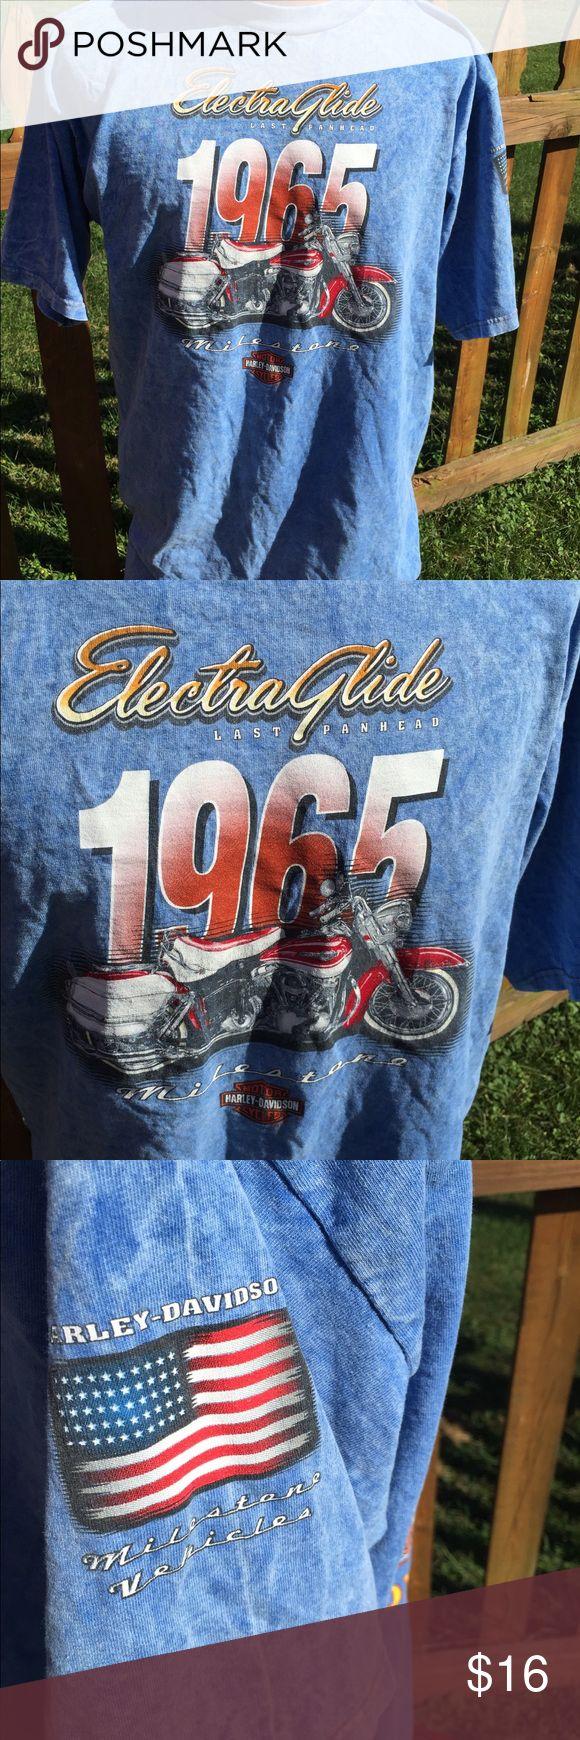 Harley davidson mens electra glide t shirt size l